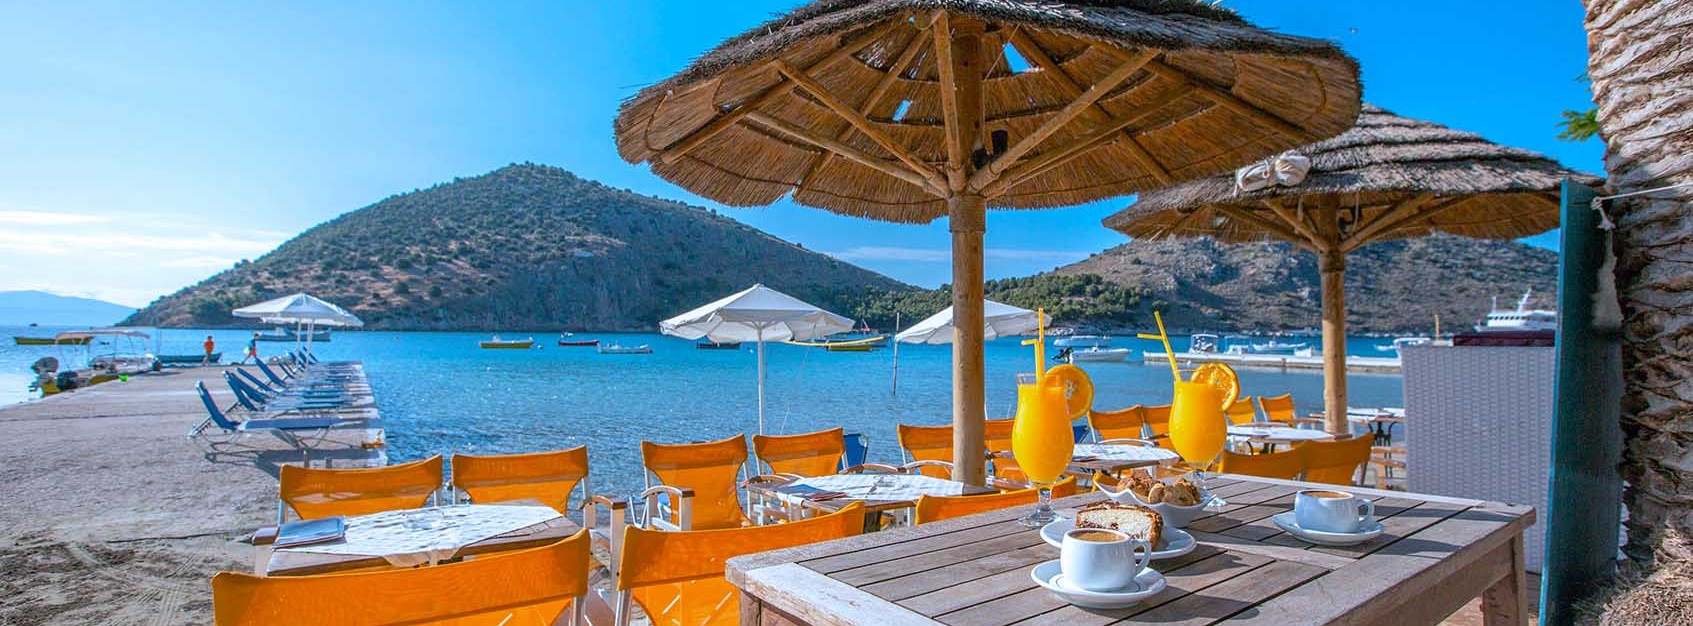 Grækenland - Sensommer i Tolo, Peloponnes, Grækenland